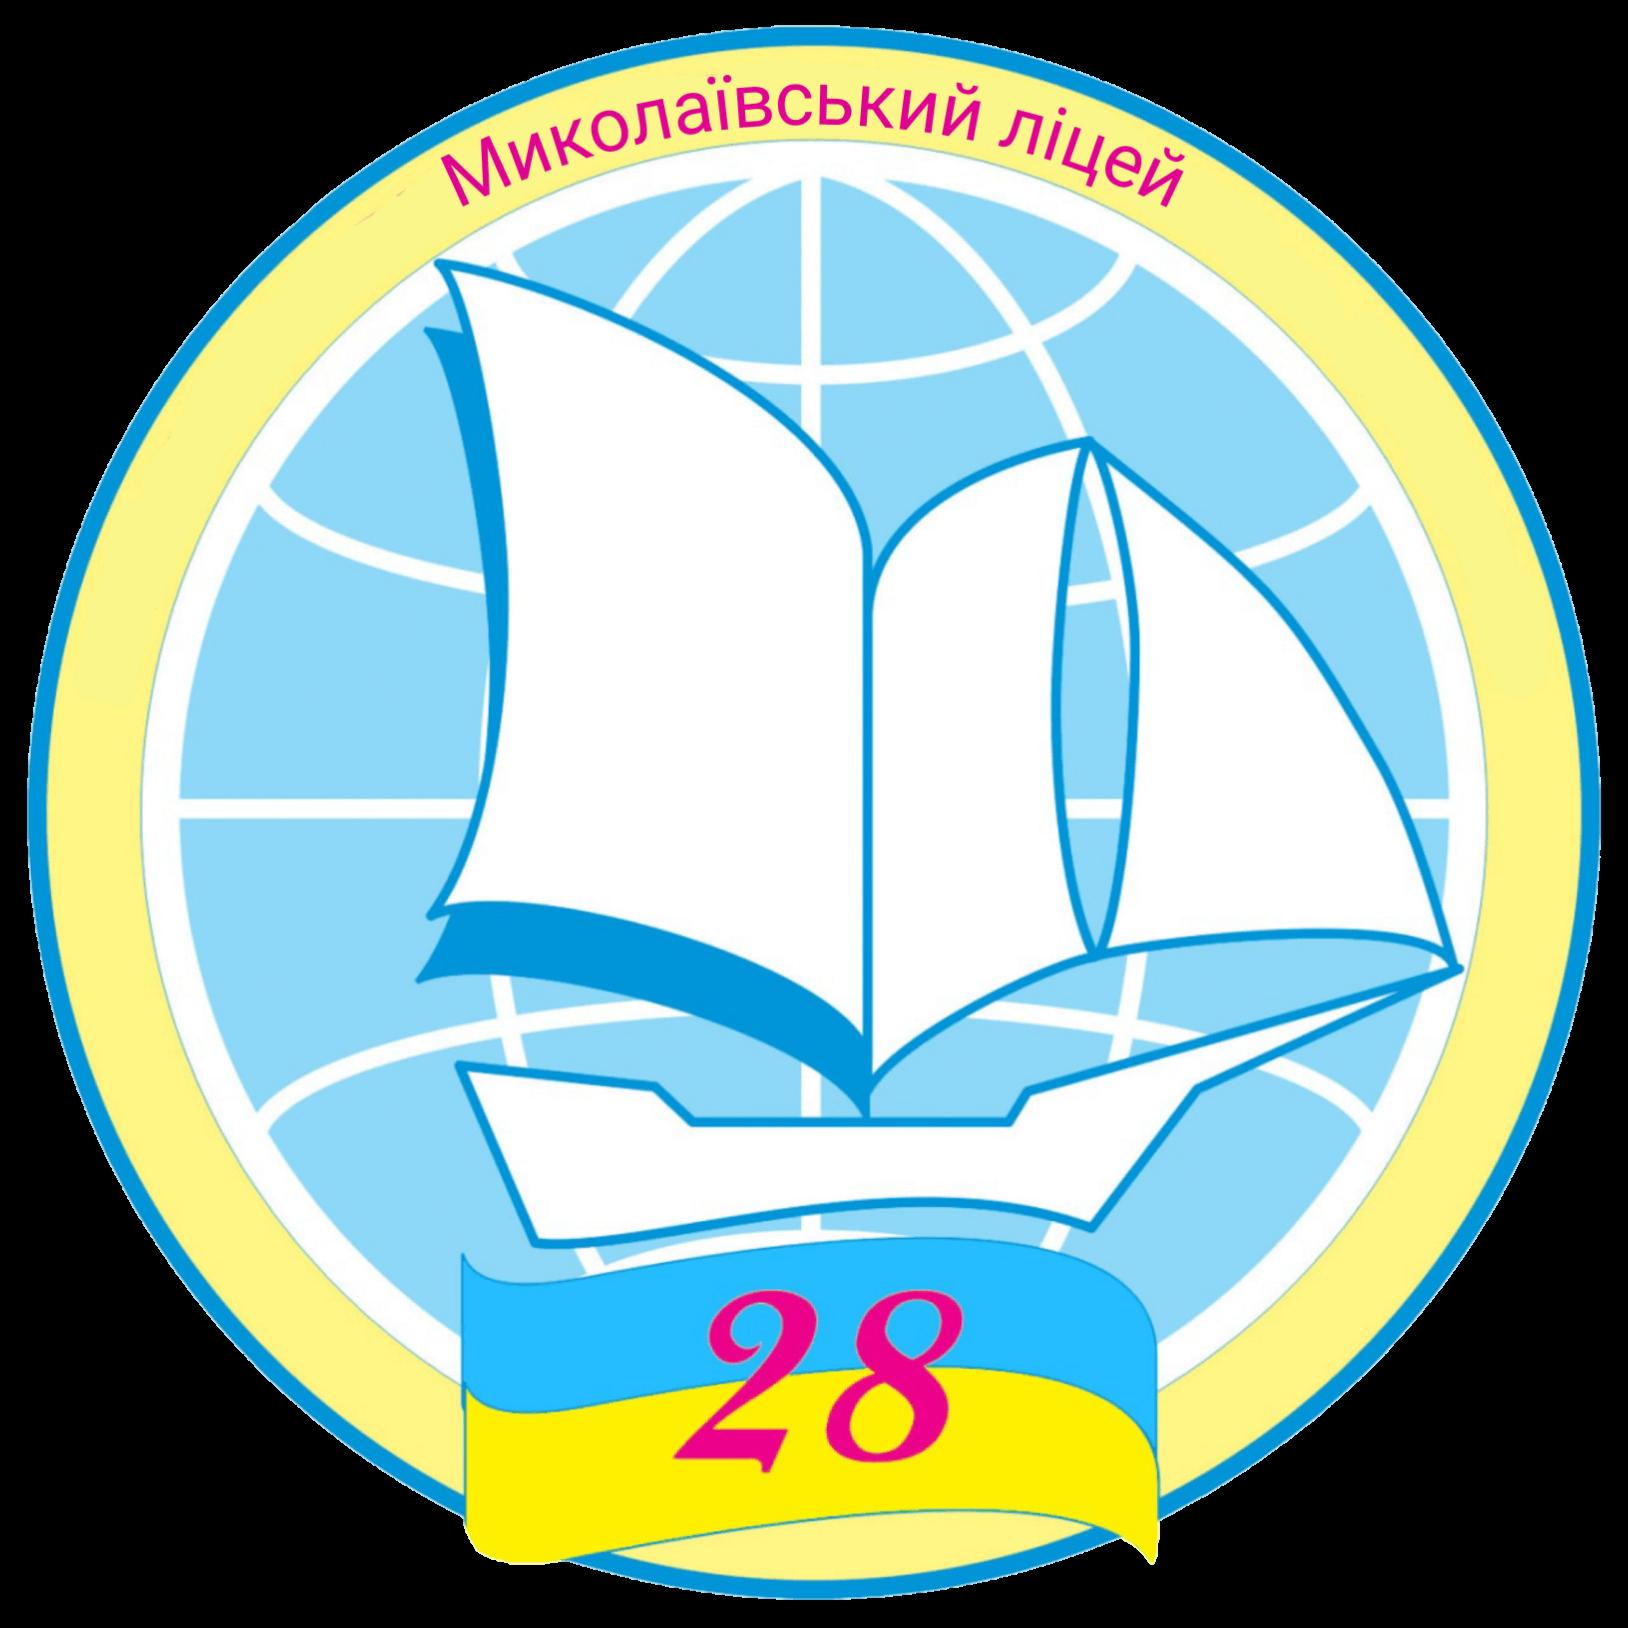 Миколаївська загальноосвітня школа І-ІІІ ступенів №28